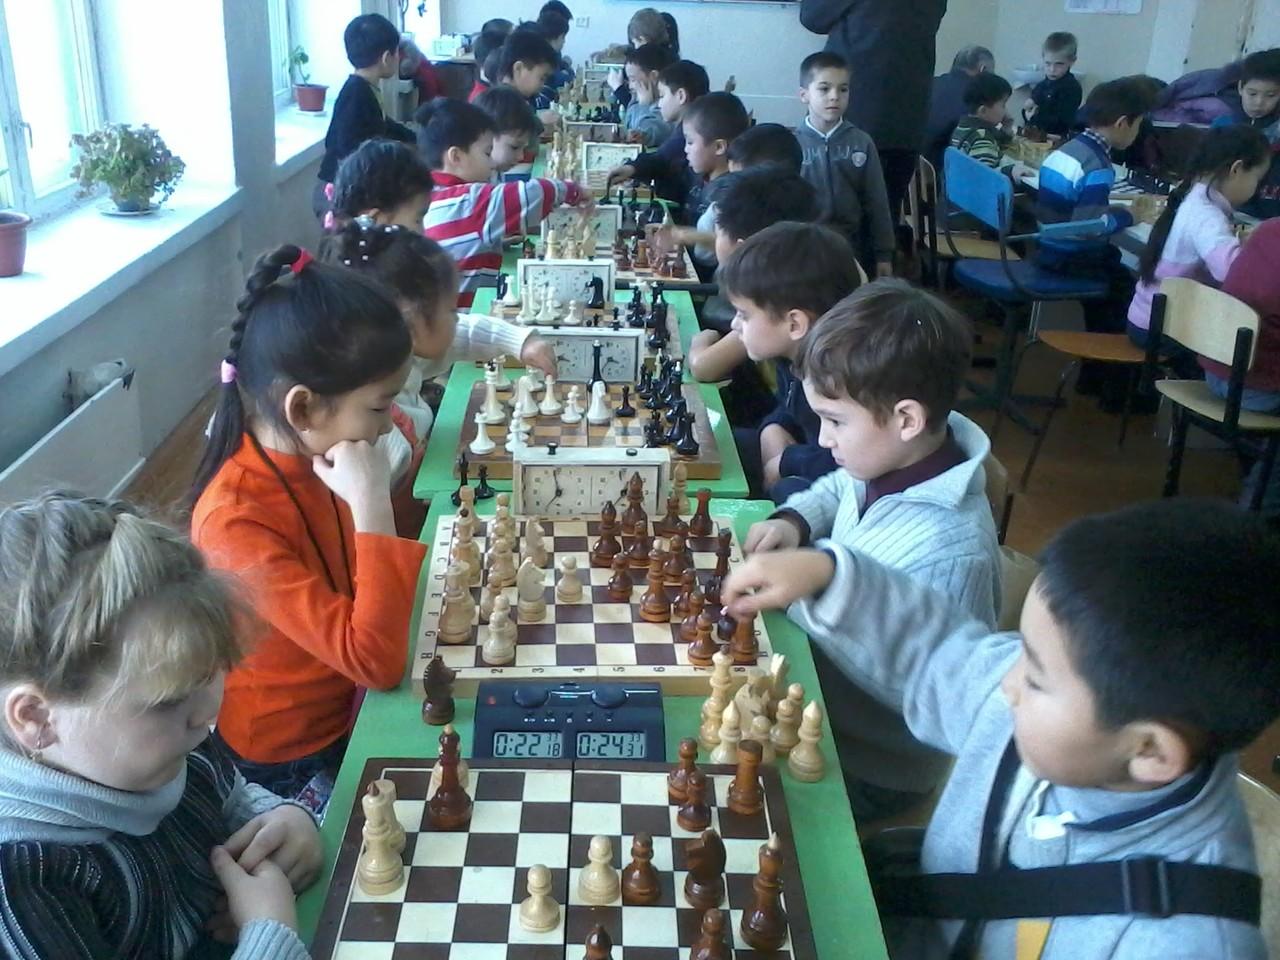 В турнире приняли участие 48 юных шахматистов